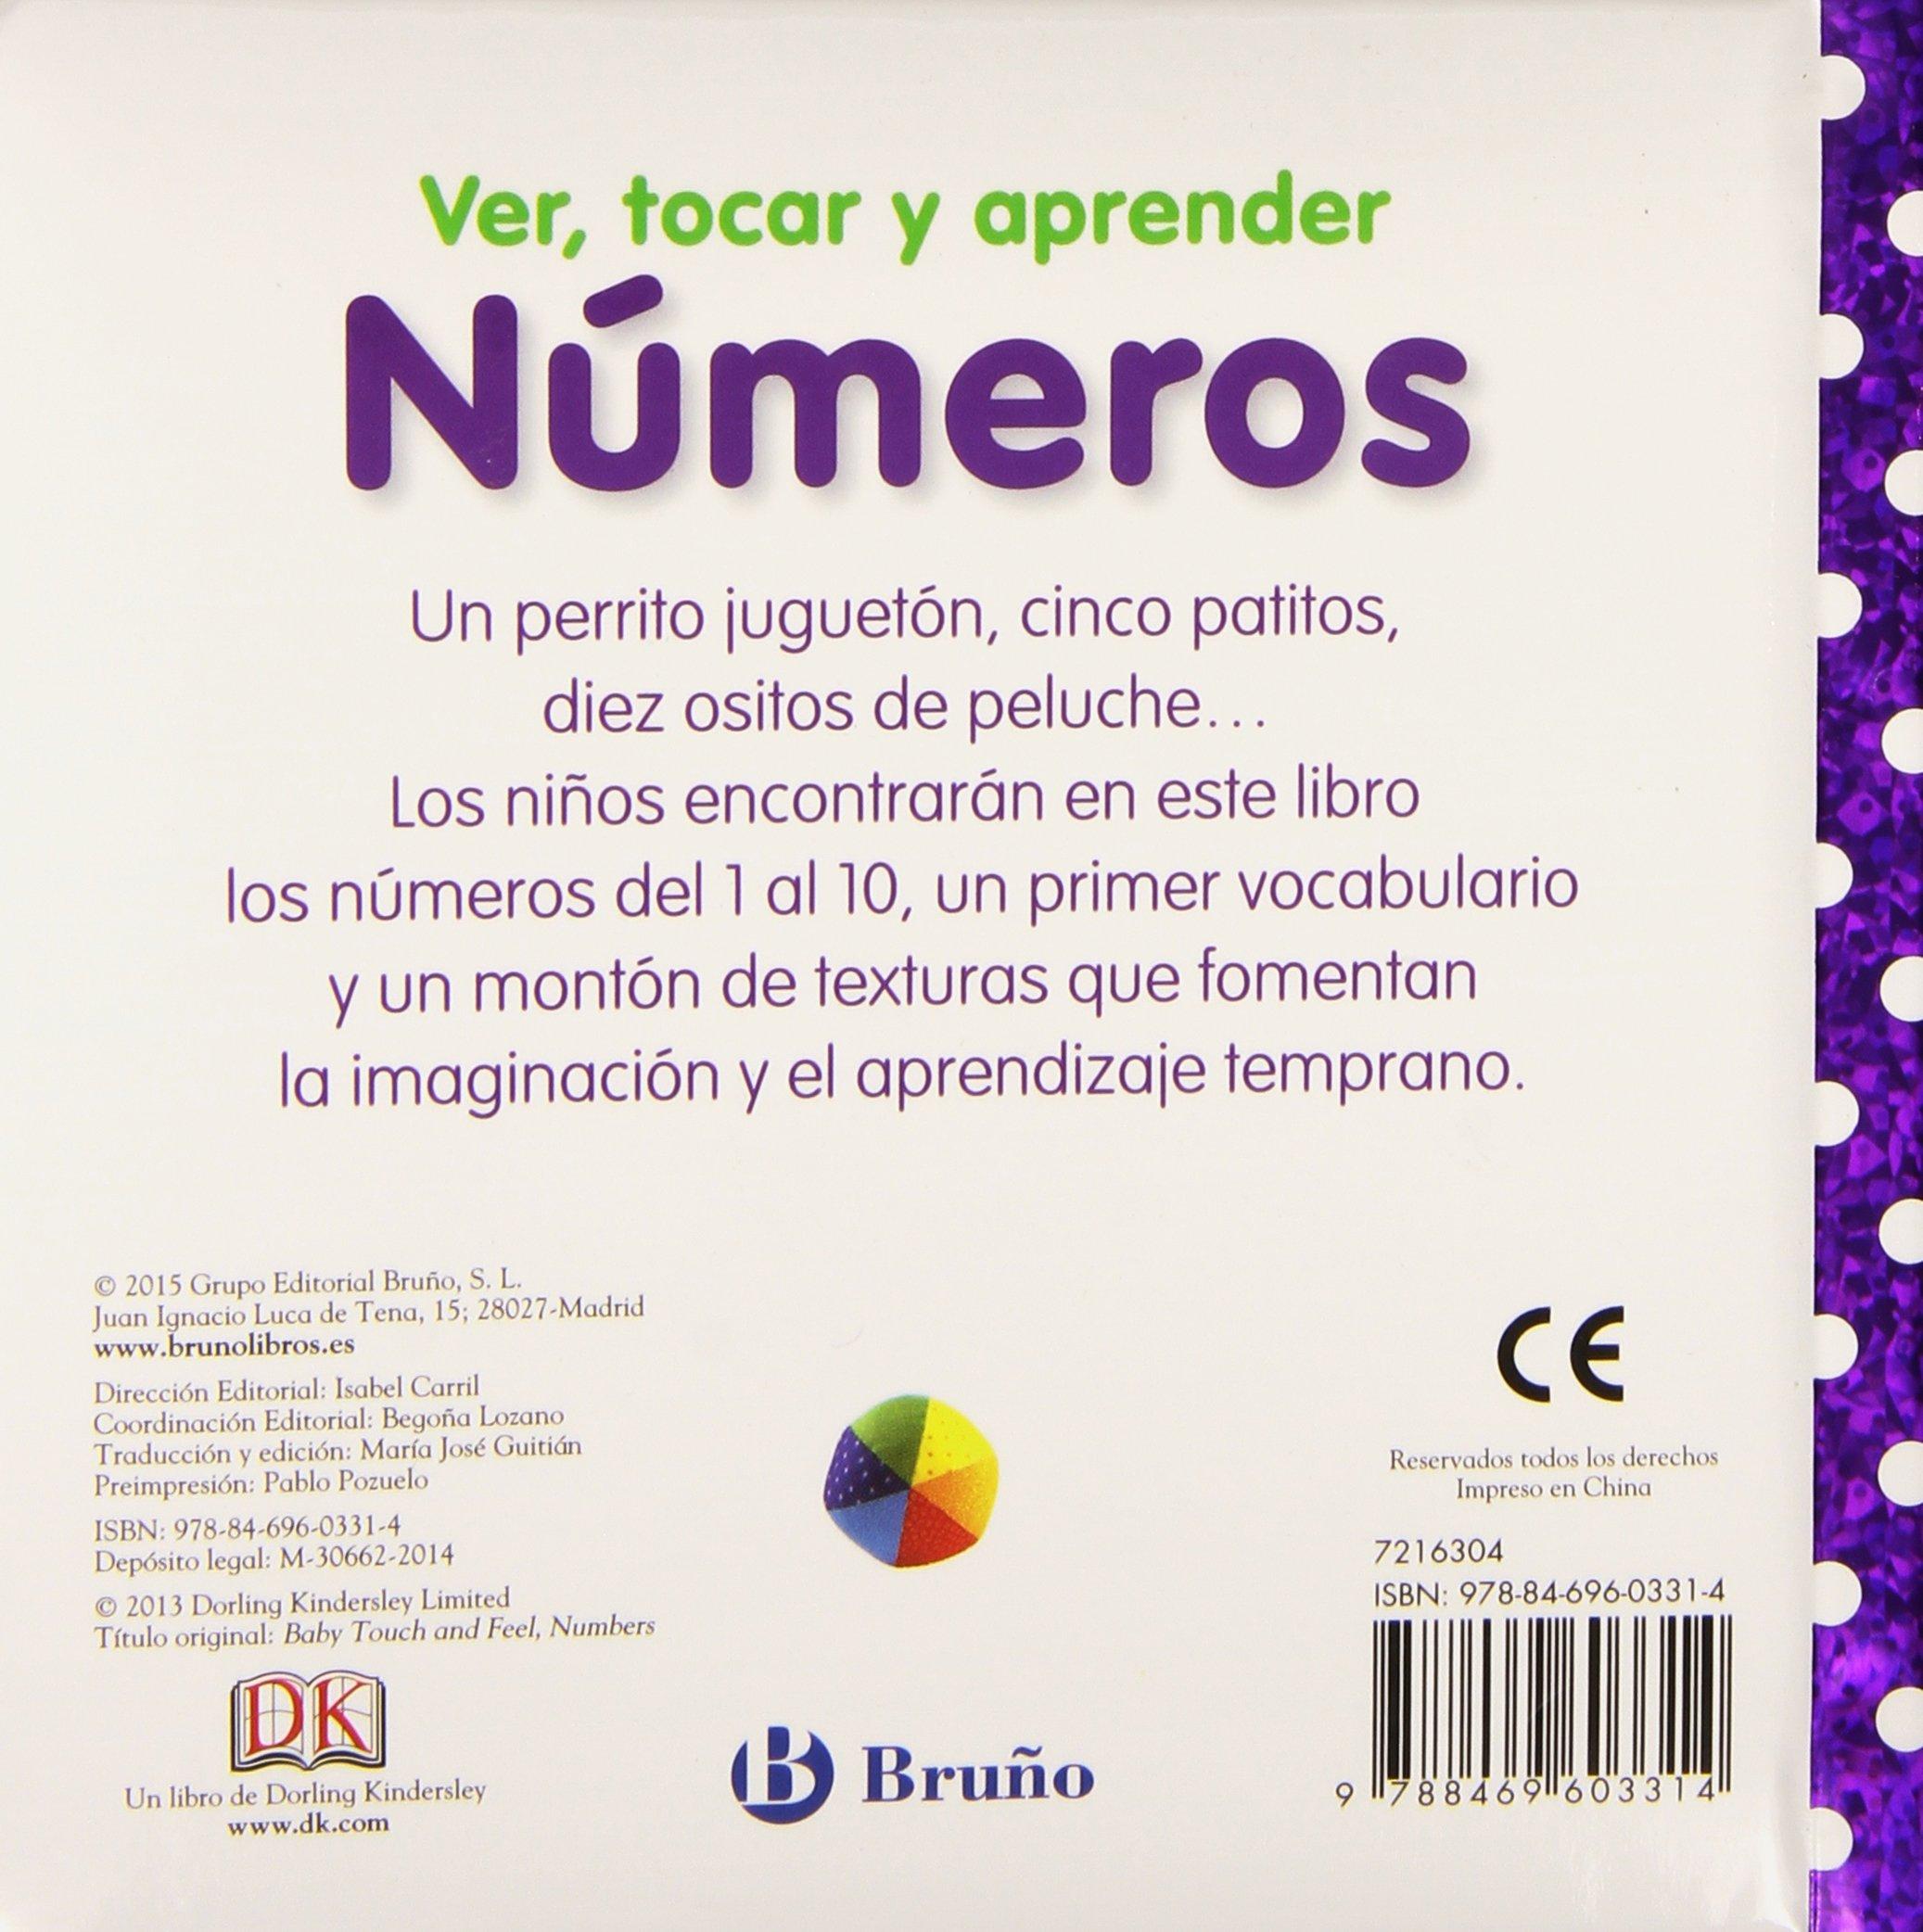 Ver, tocar y aprender: Números (Spanish Edition): varios, Bruño: 9788469603314: Amazon.com: Books